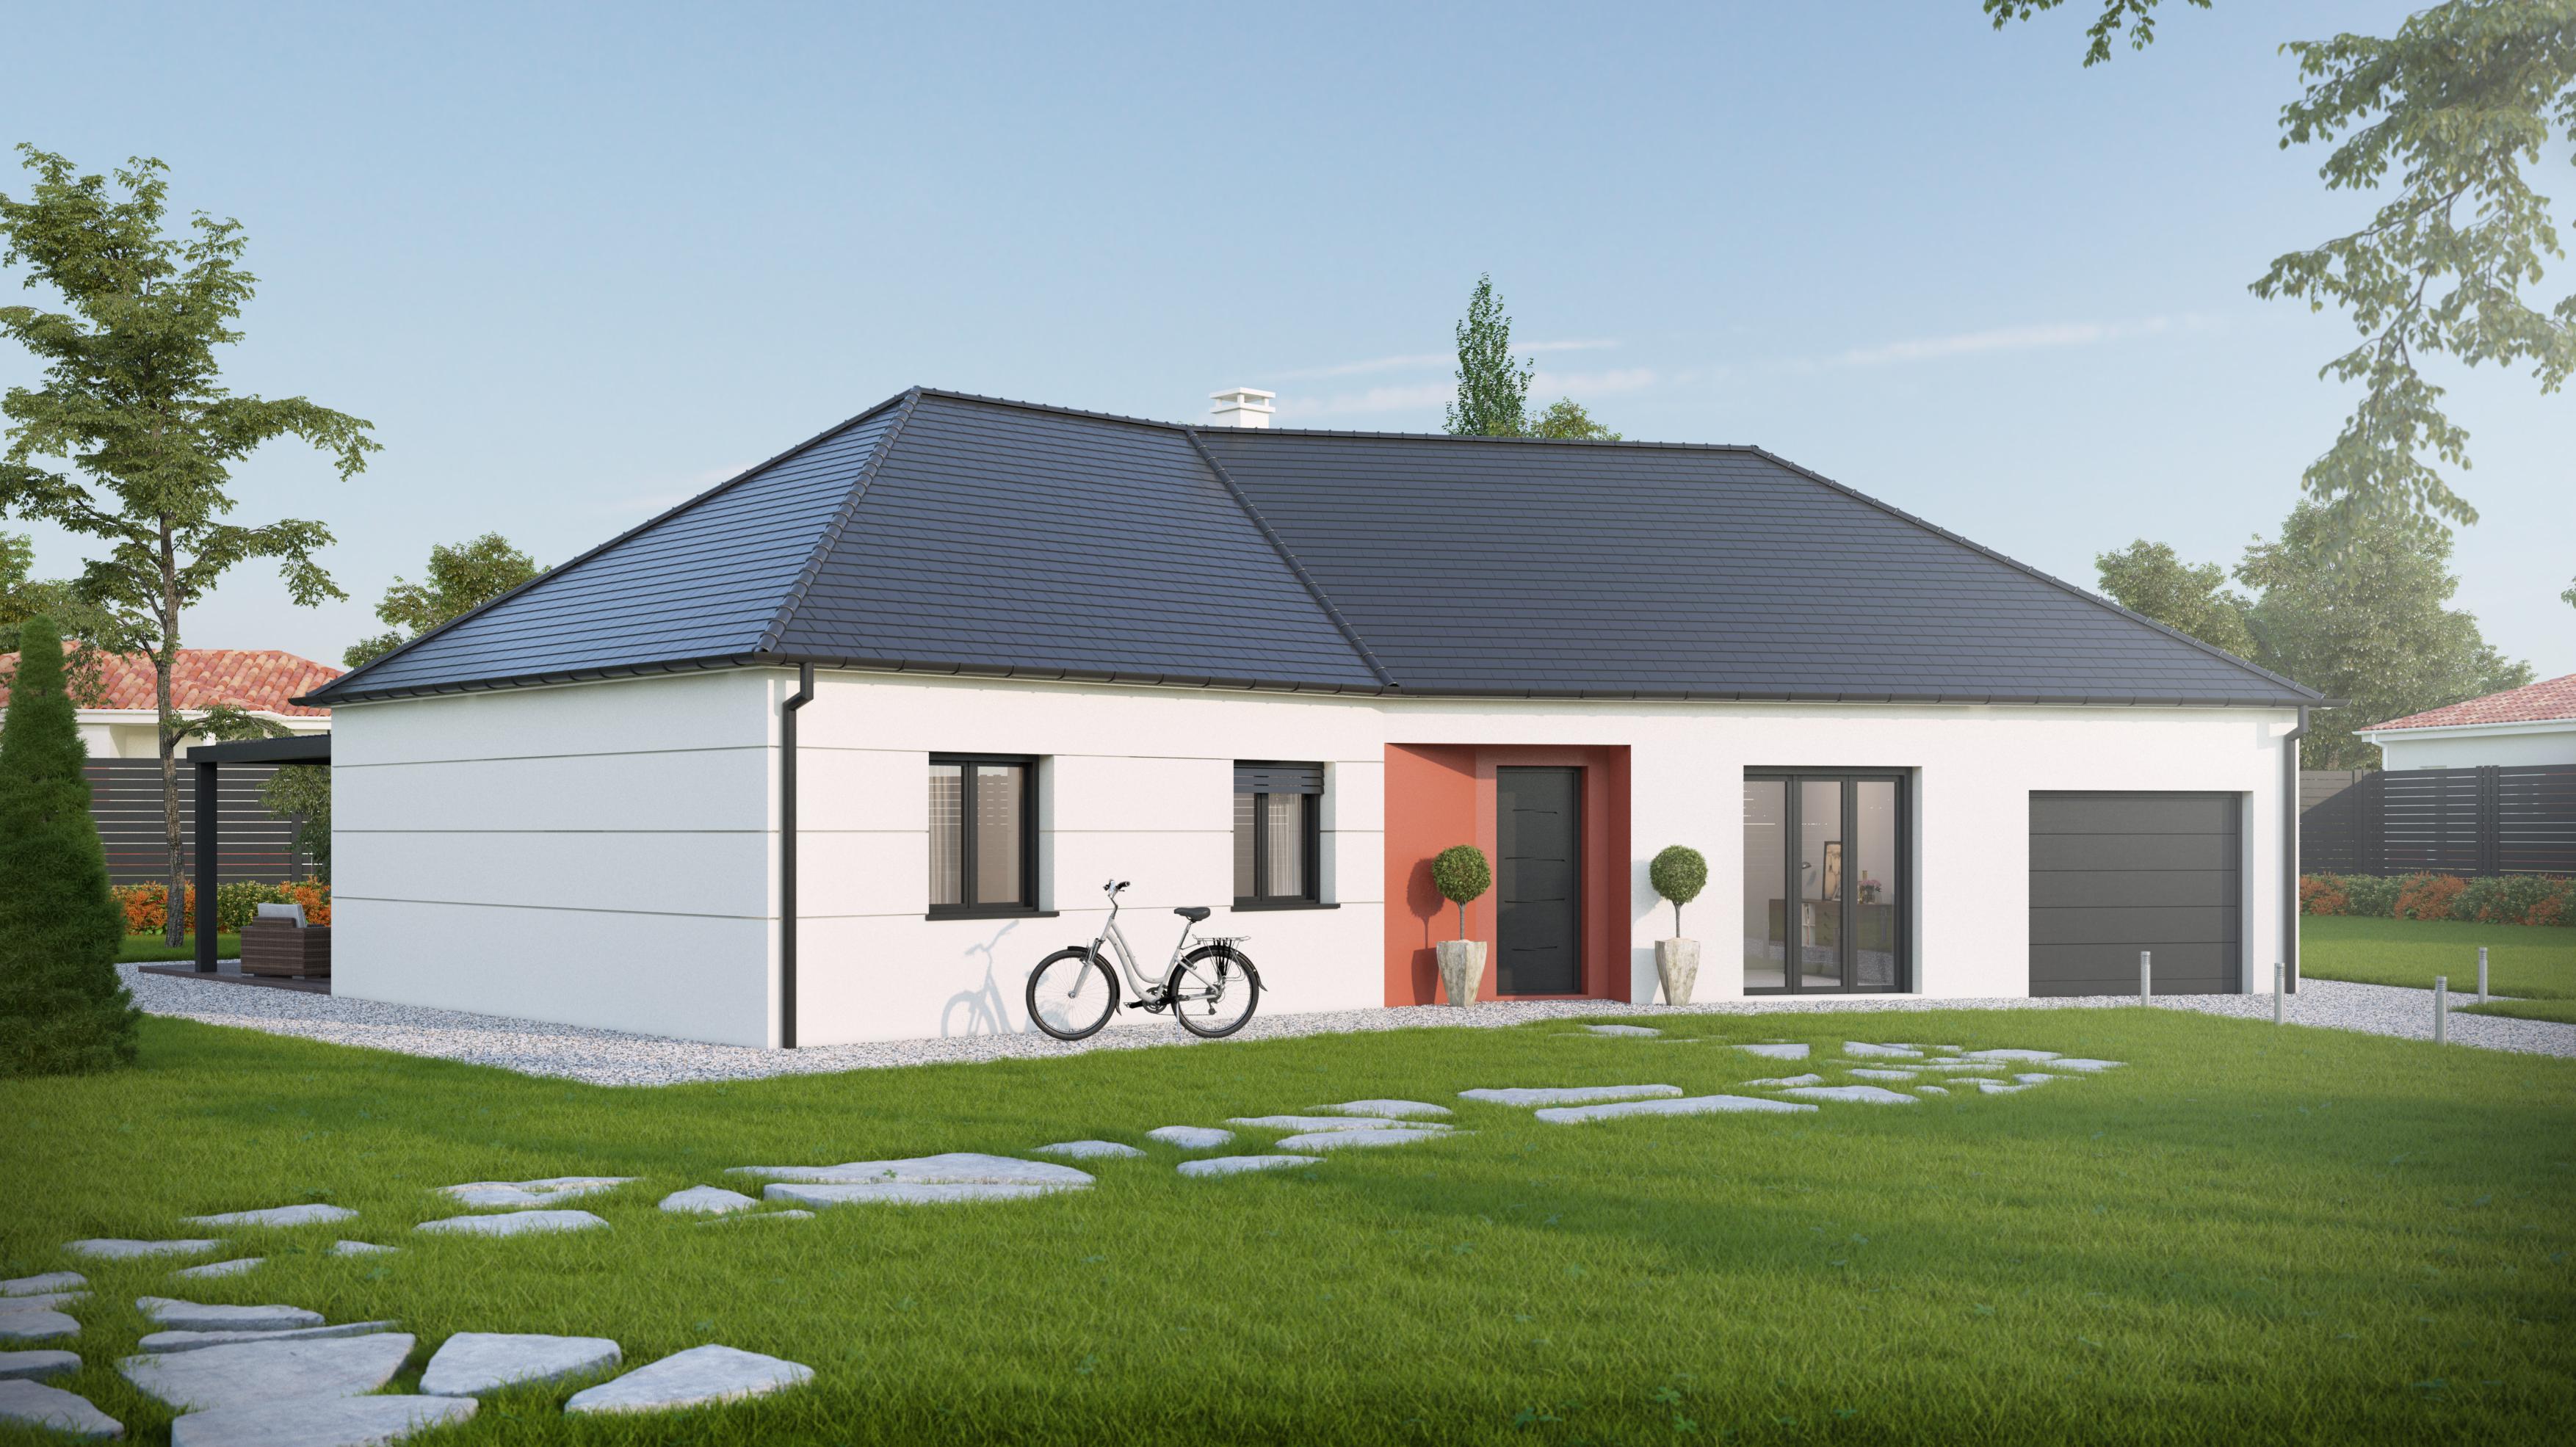 relooking de nos maisons villas club rouen. Black Bedroom Furniture Sets. Home Design Ideas